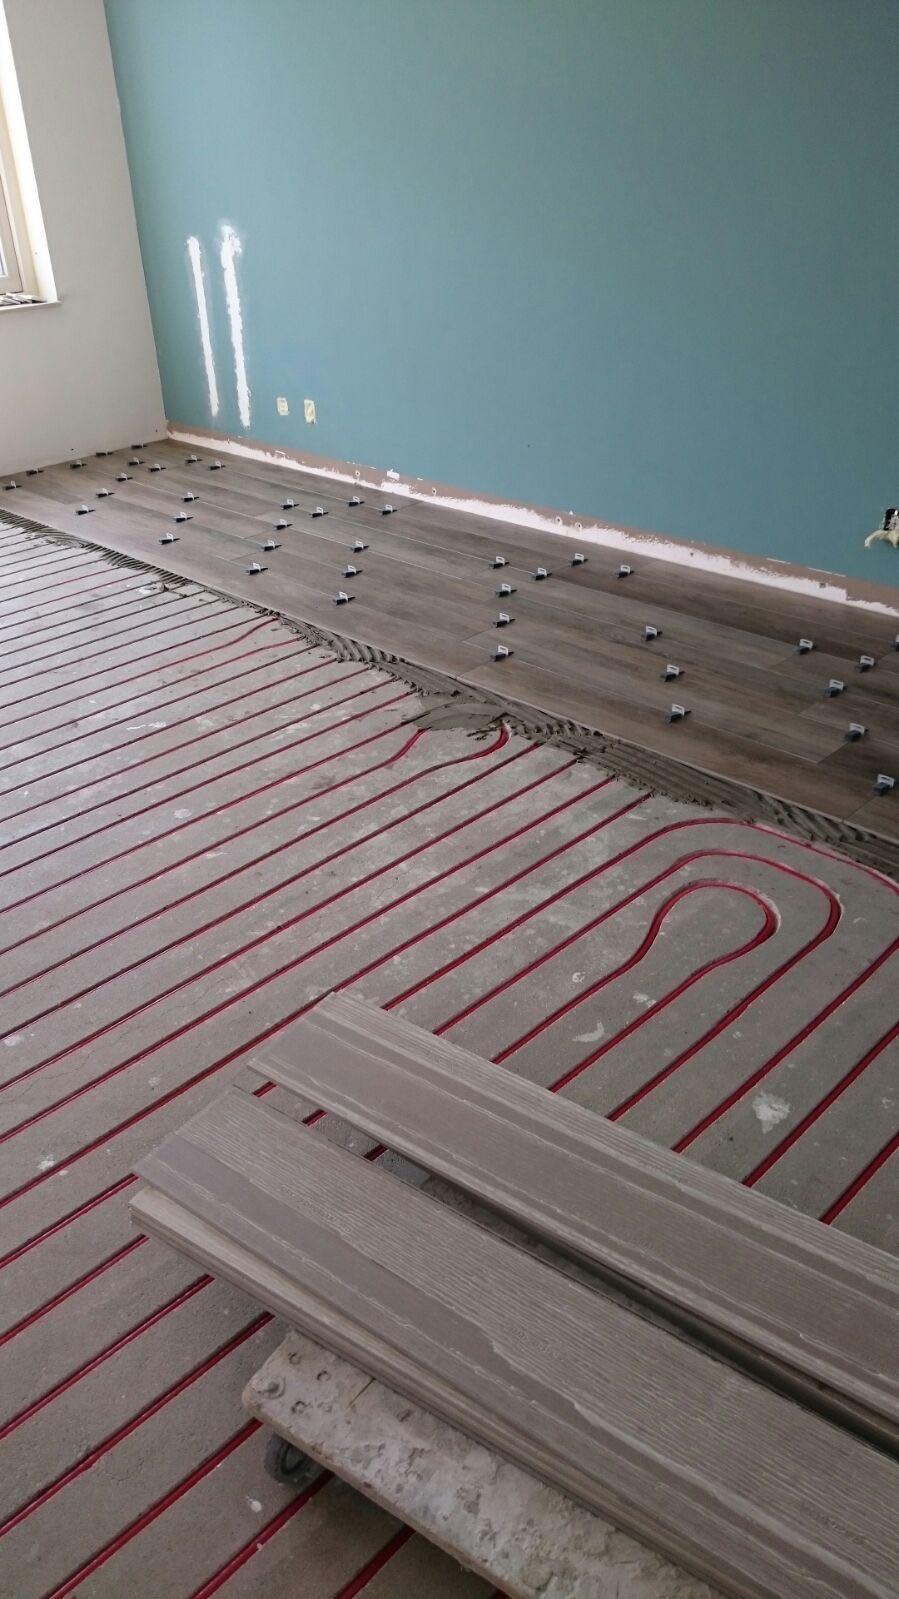 Plavuizen Vloer Antraciet.Morefloors Welke Vloer Is Geschikt Voor Vloerverwarming